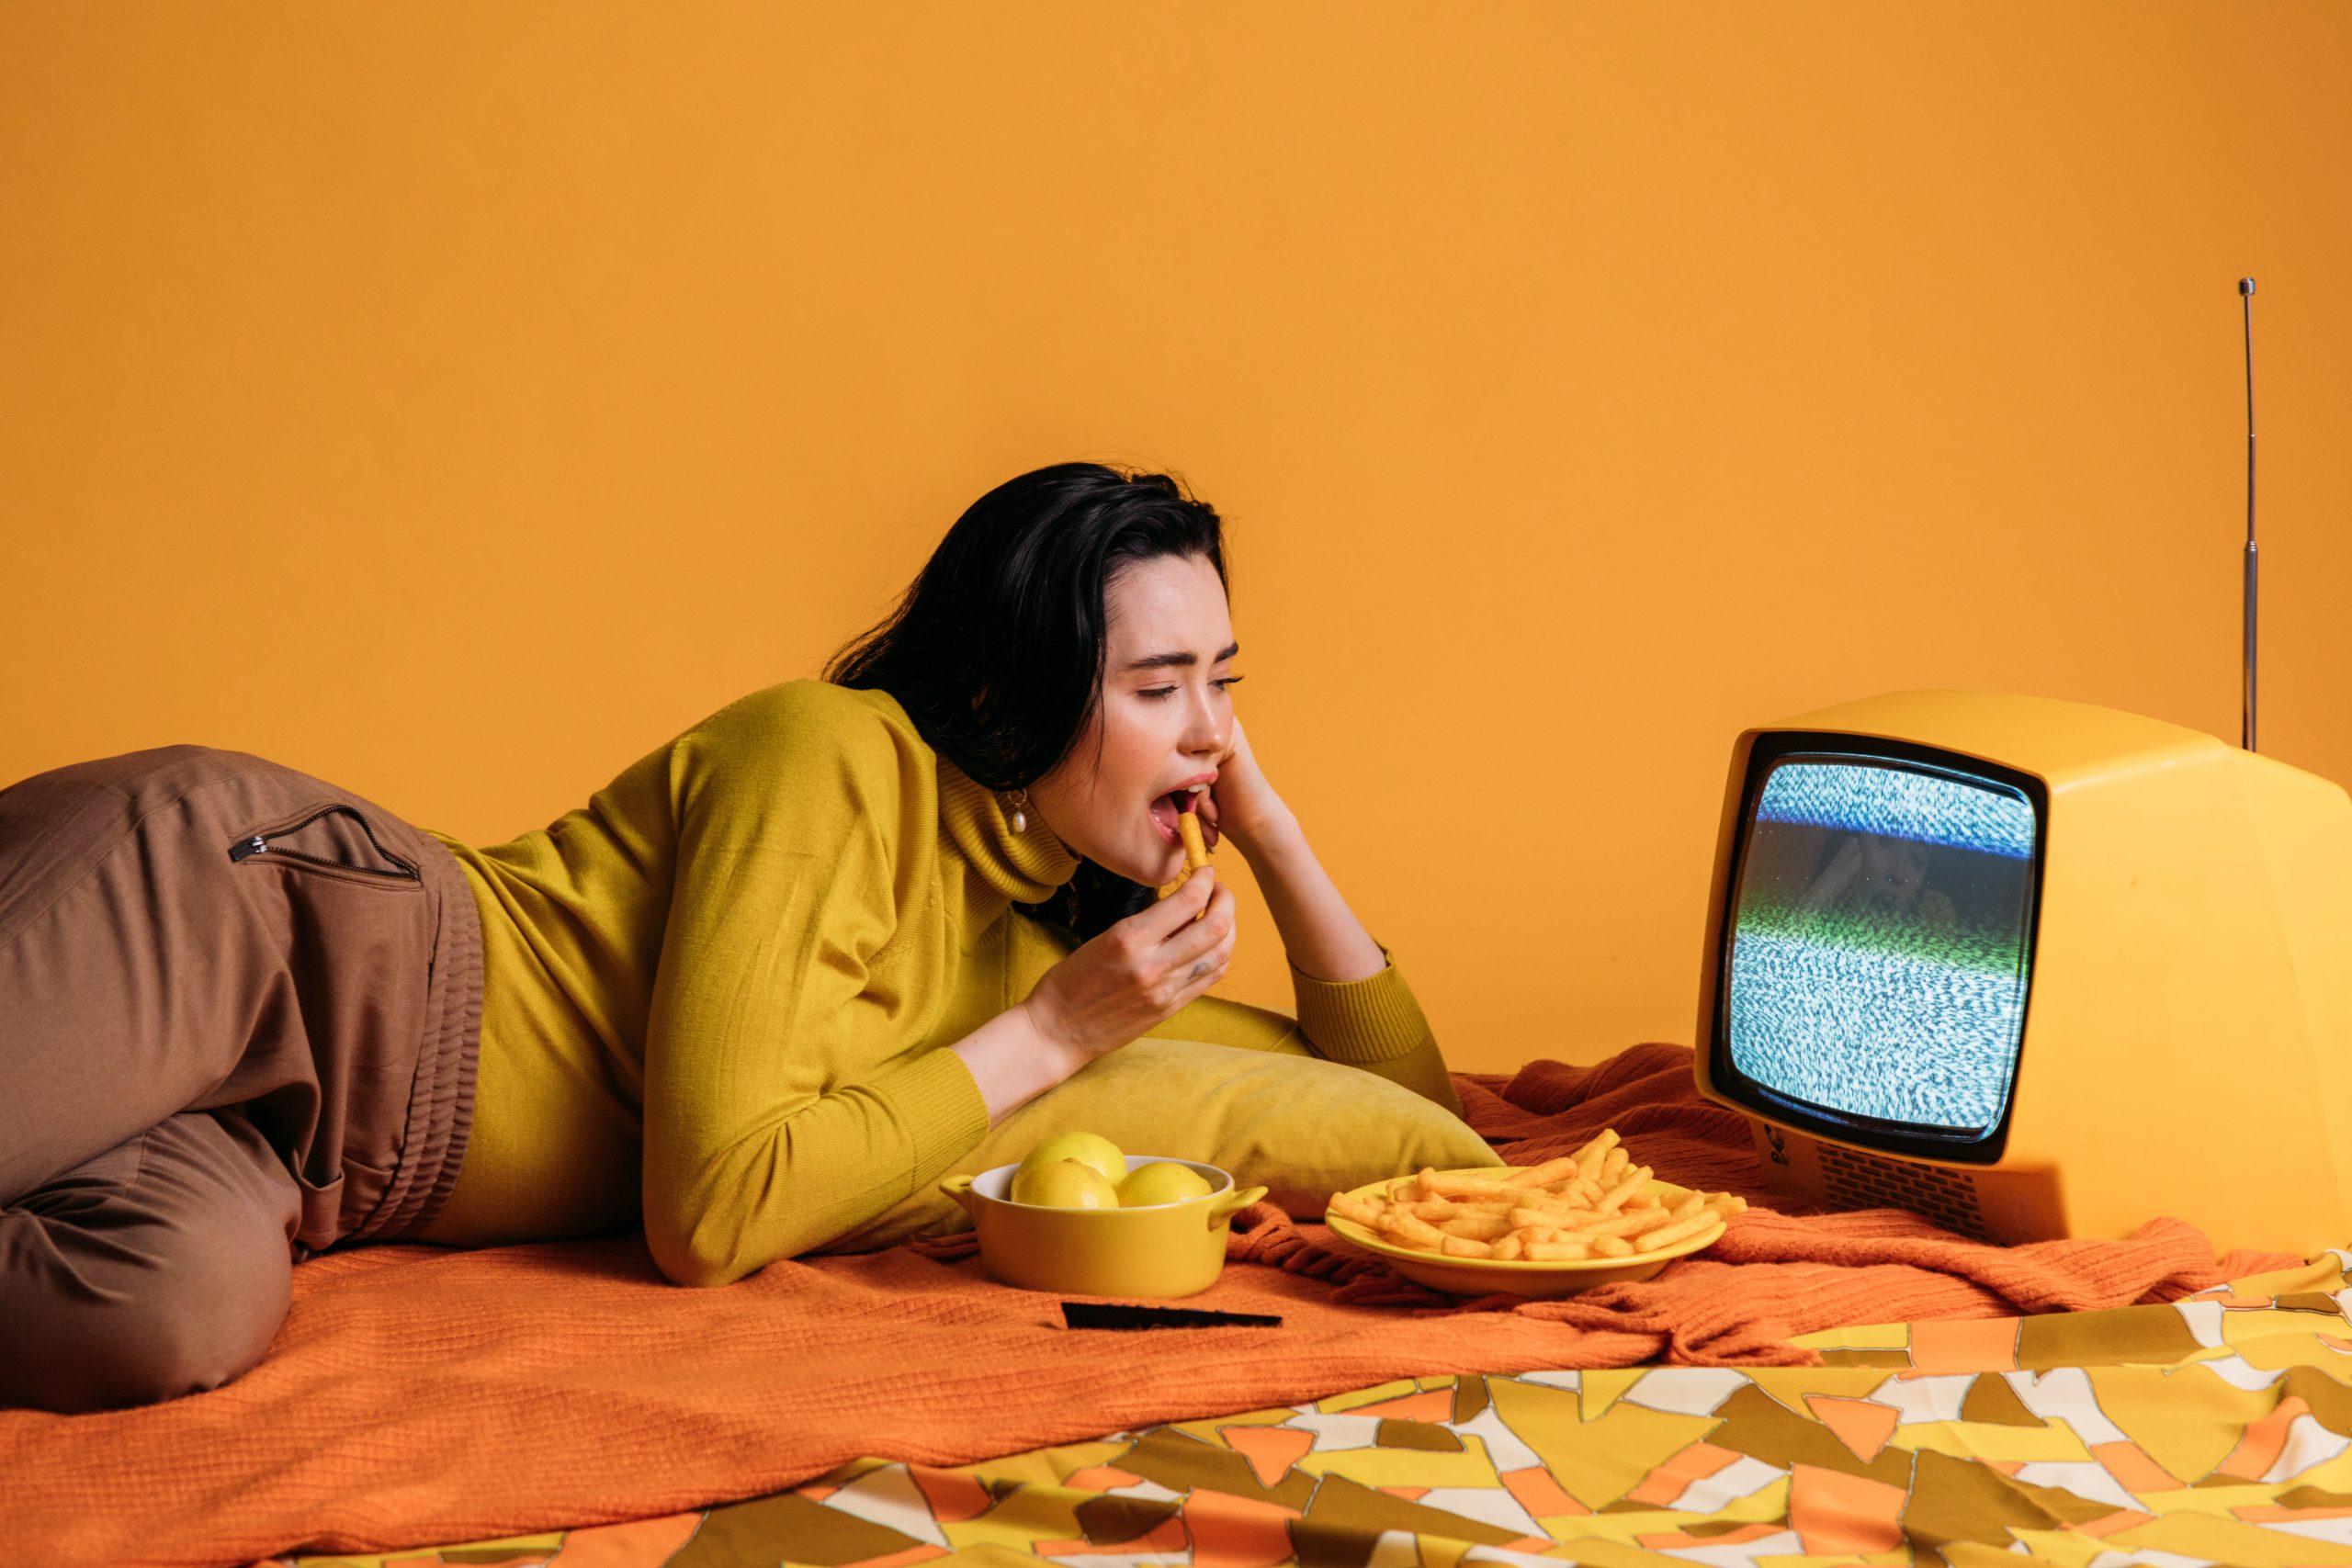 Rire et manger devant la télévision